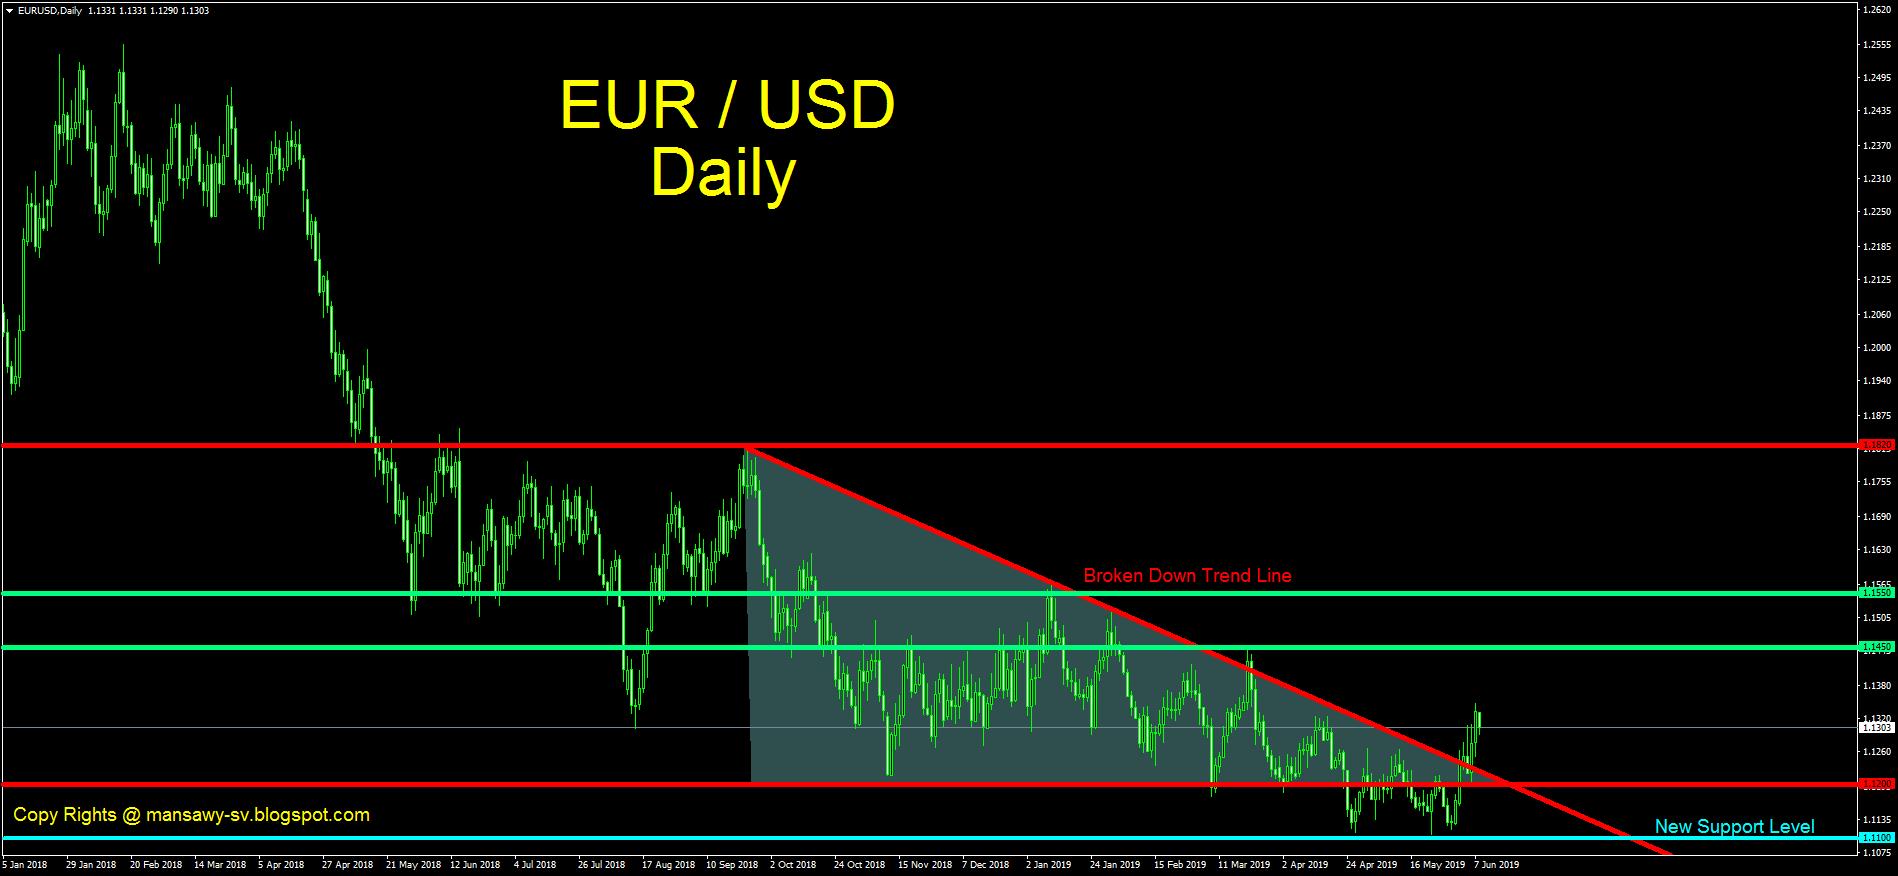 الرسم البياني اليومي لزوج اليورو/دولار